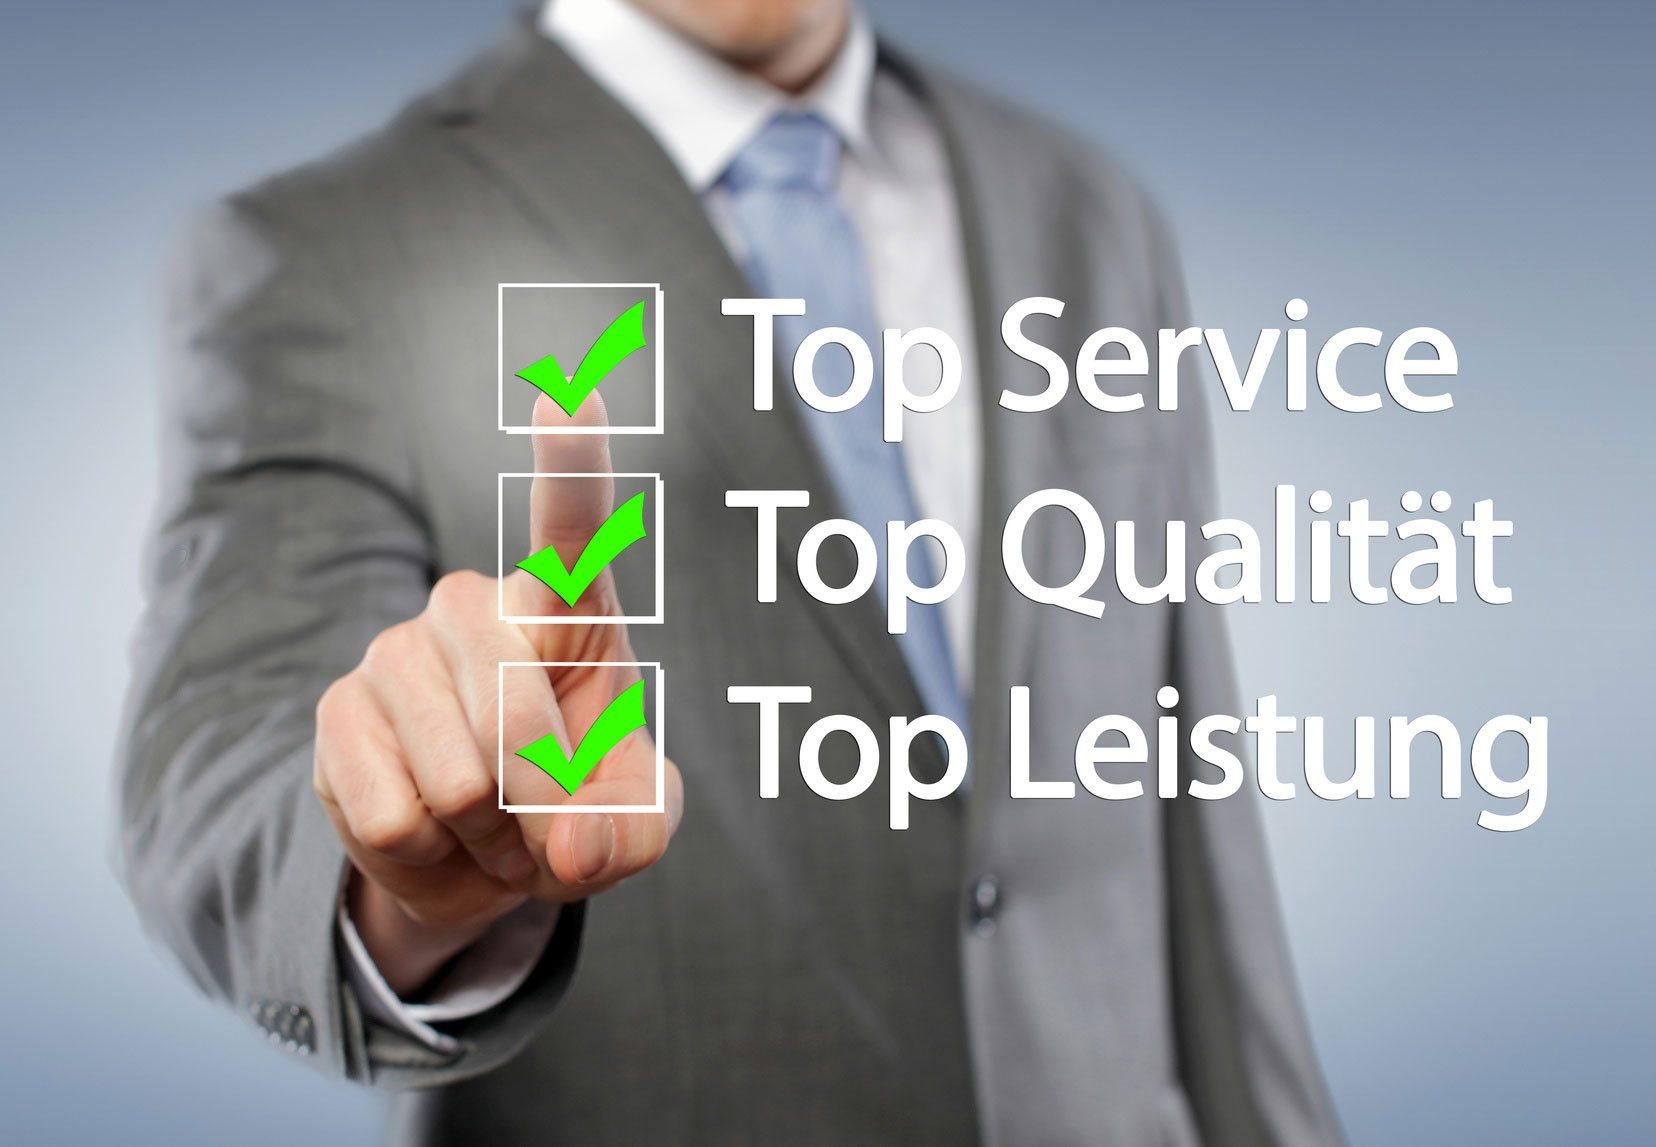 Alarmanlagen Top Service Qualität und Leitung - alarmanlage-swiss.ch